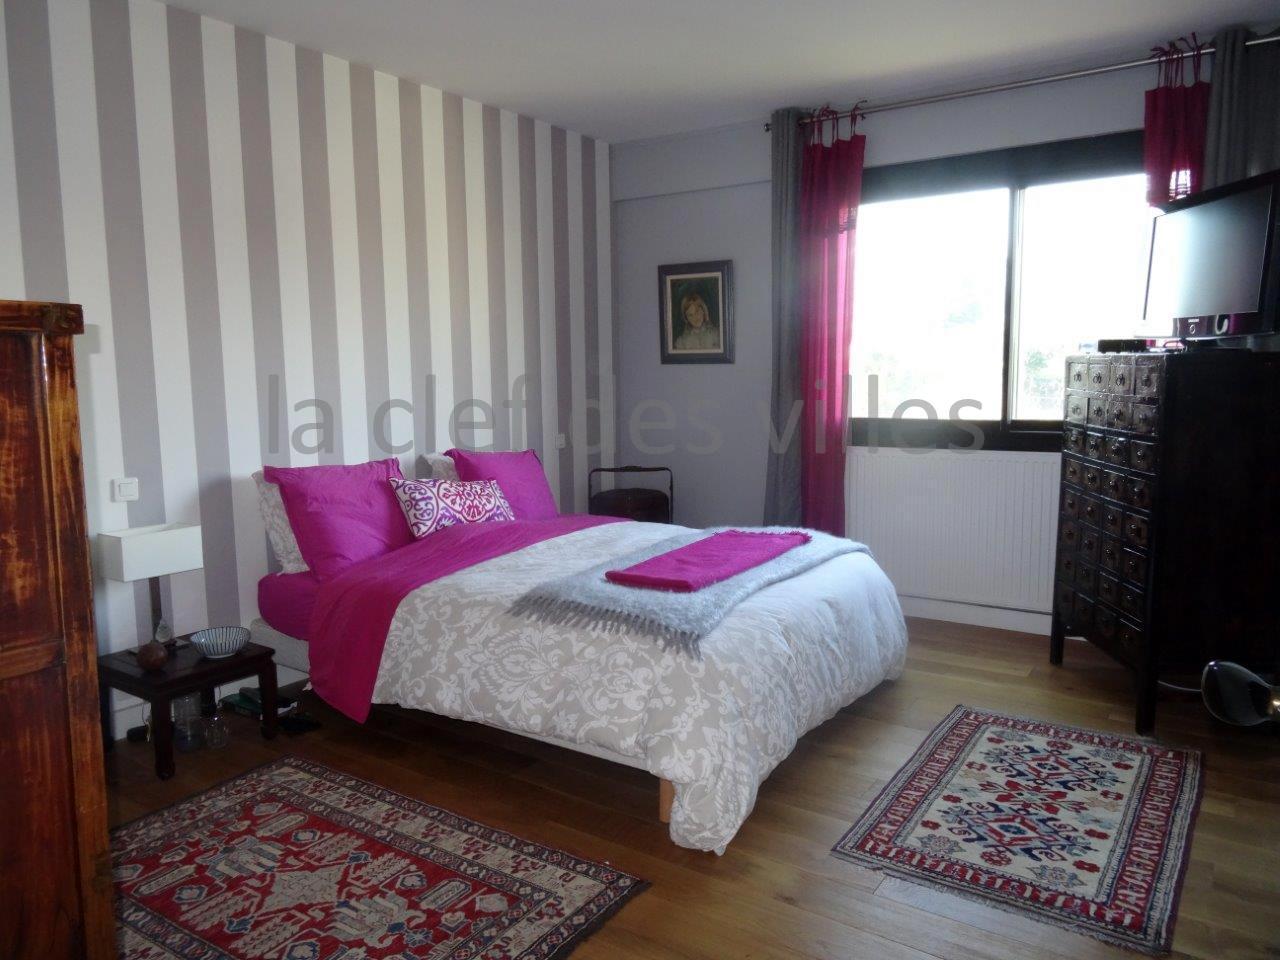 la-clef-des-villes-agence-immobiliere-boulogne-billancourt-chasseur-immobilier-hauts-de-seine-92-arnaud-mascarel-vente-appartement-saint-cloud-photo-chambre